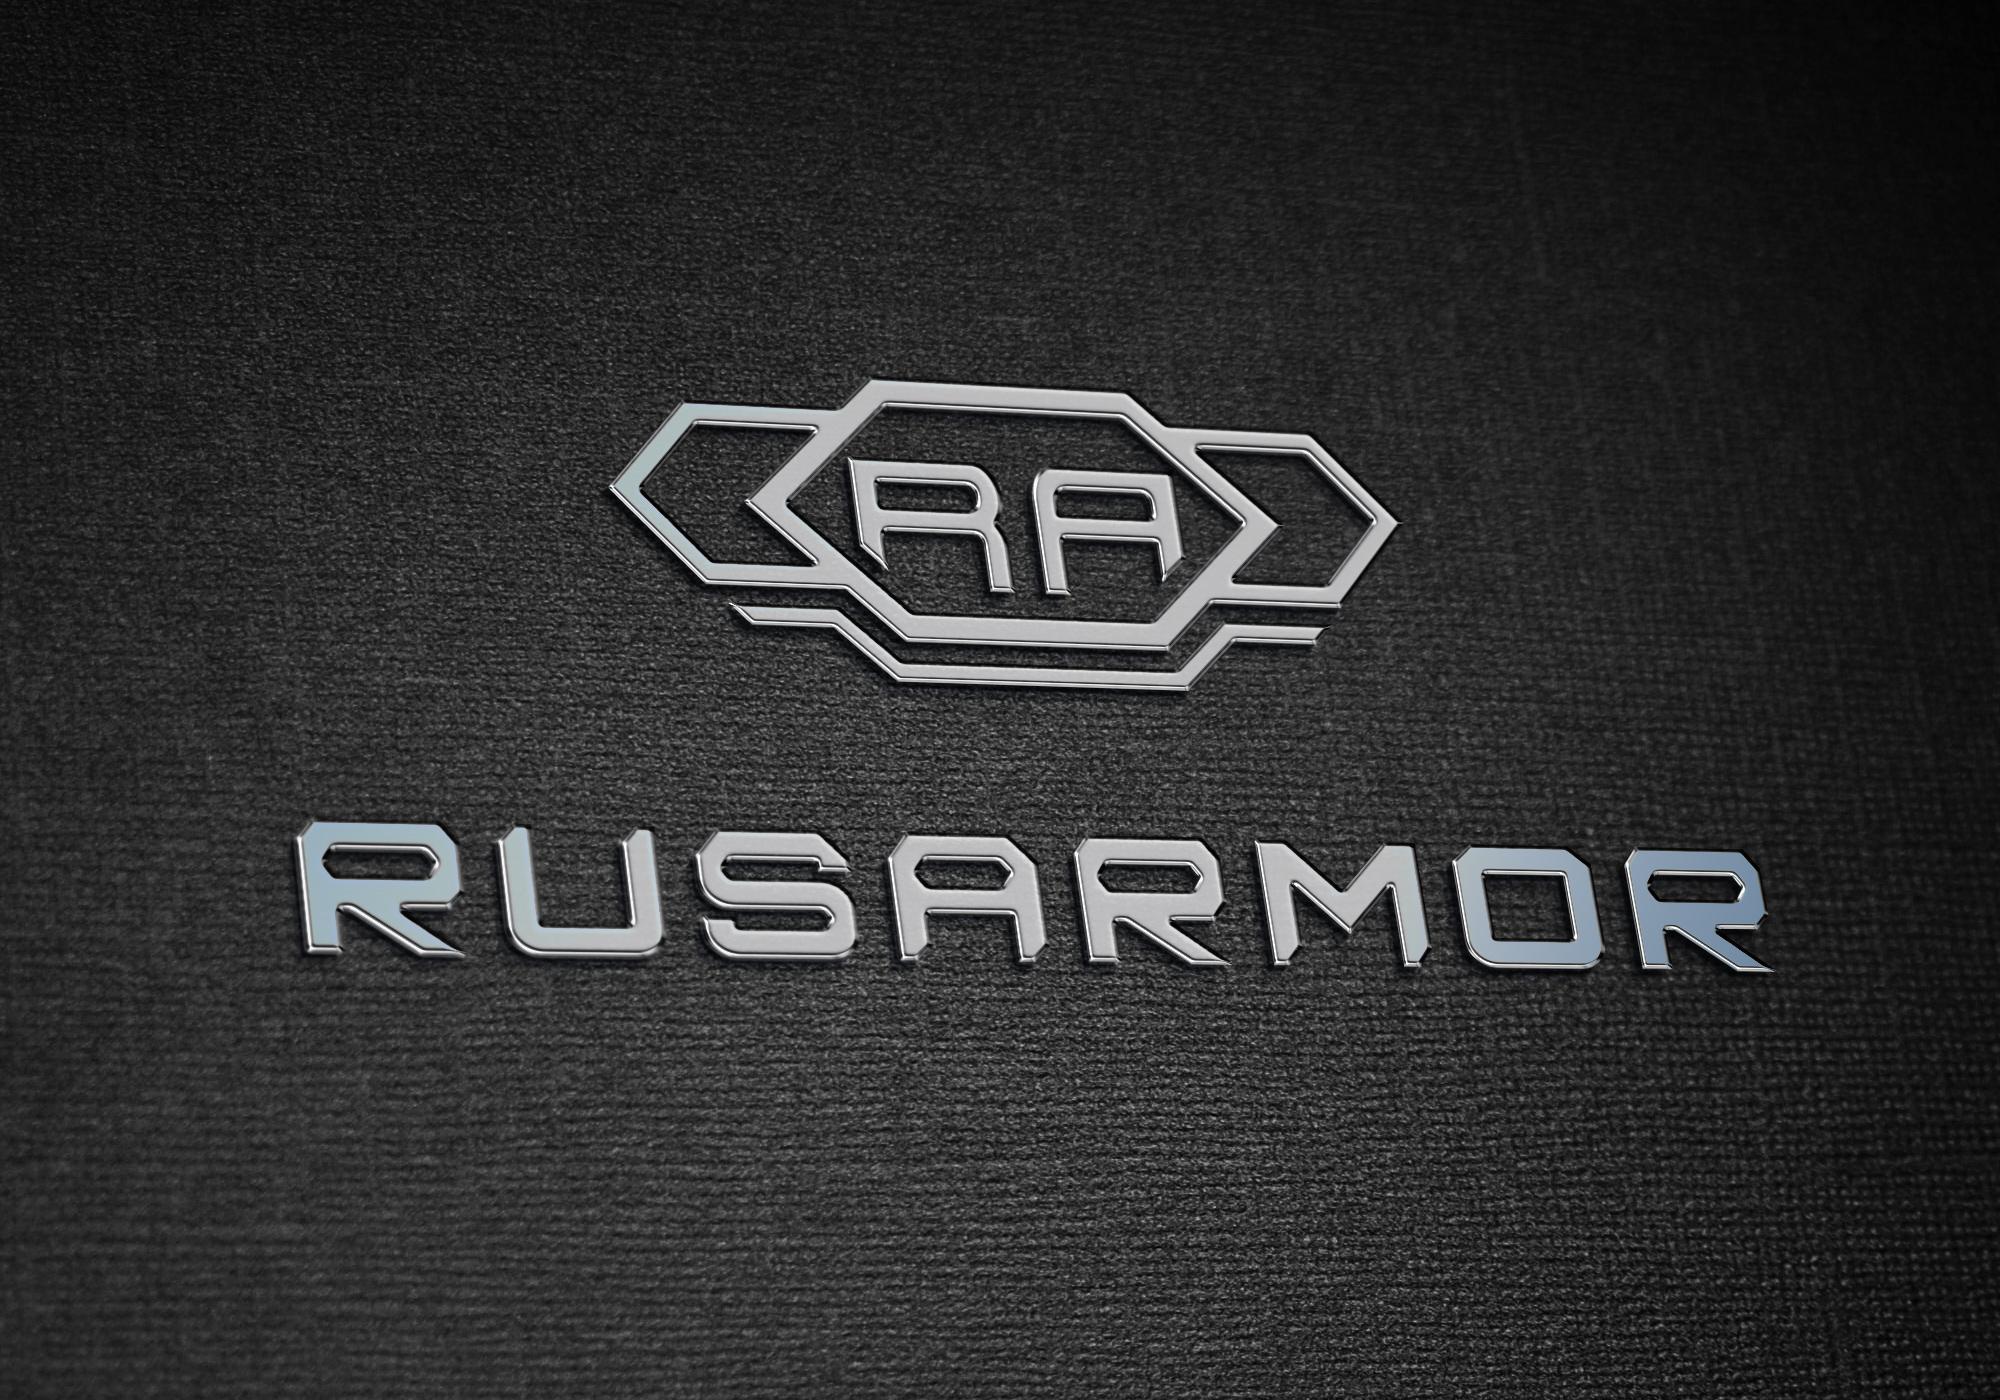 Разработка логотипа технологического стартапа РУСАРМОР фото f_9225a0f3fbdb8d66.jpg